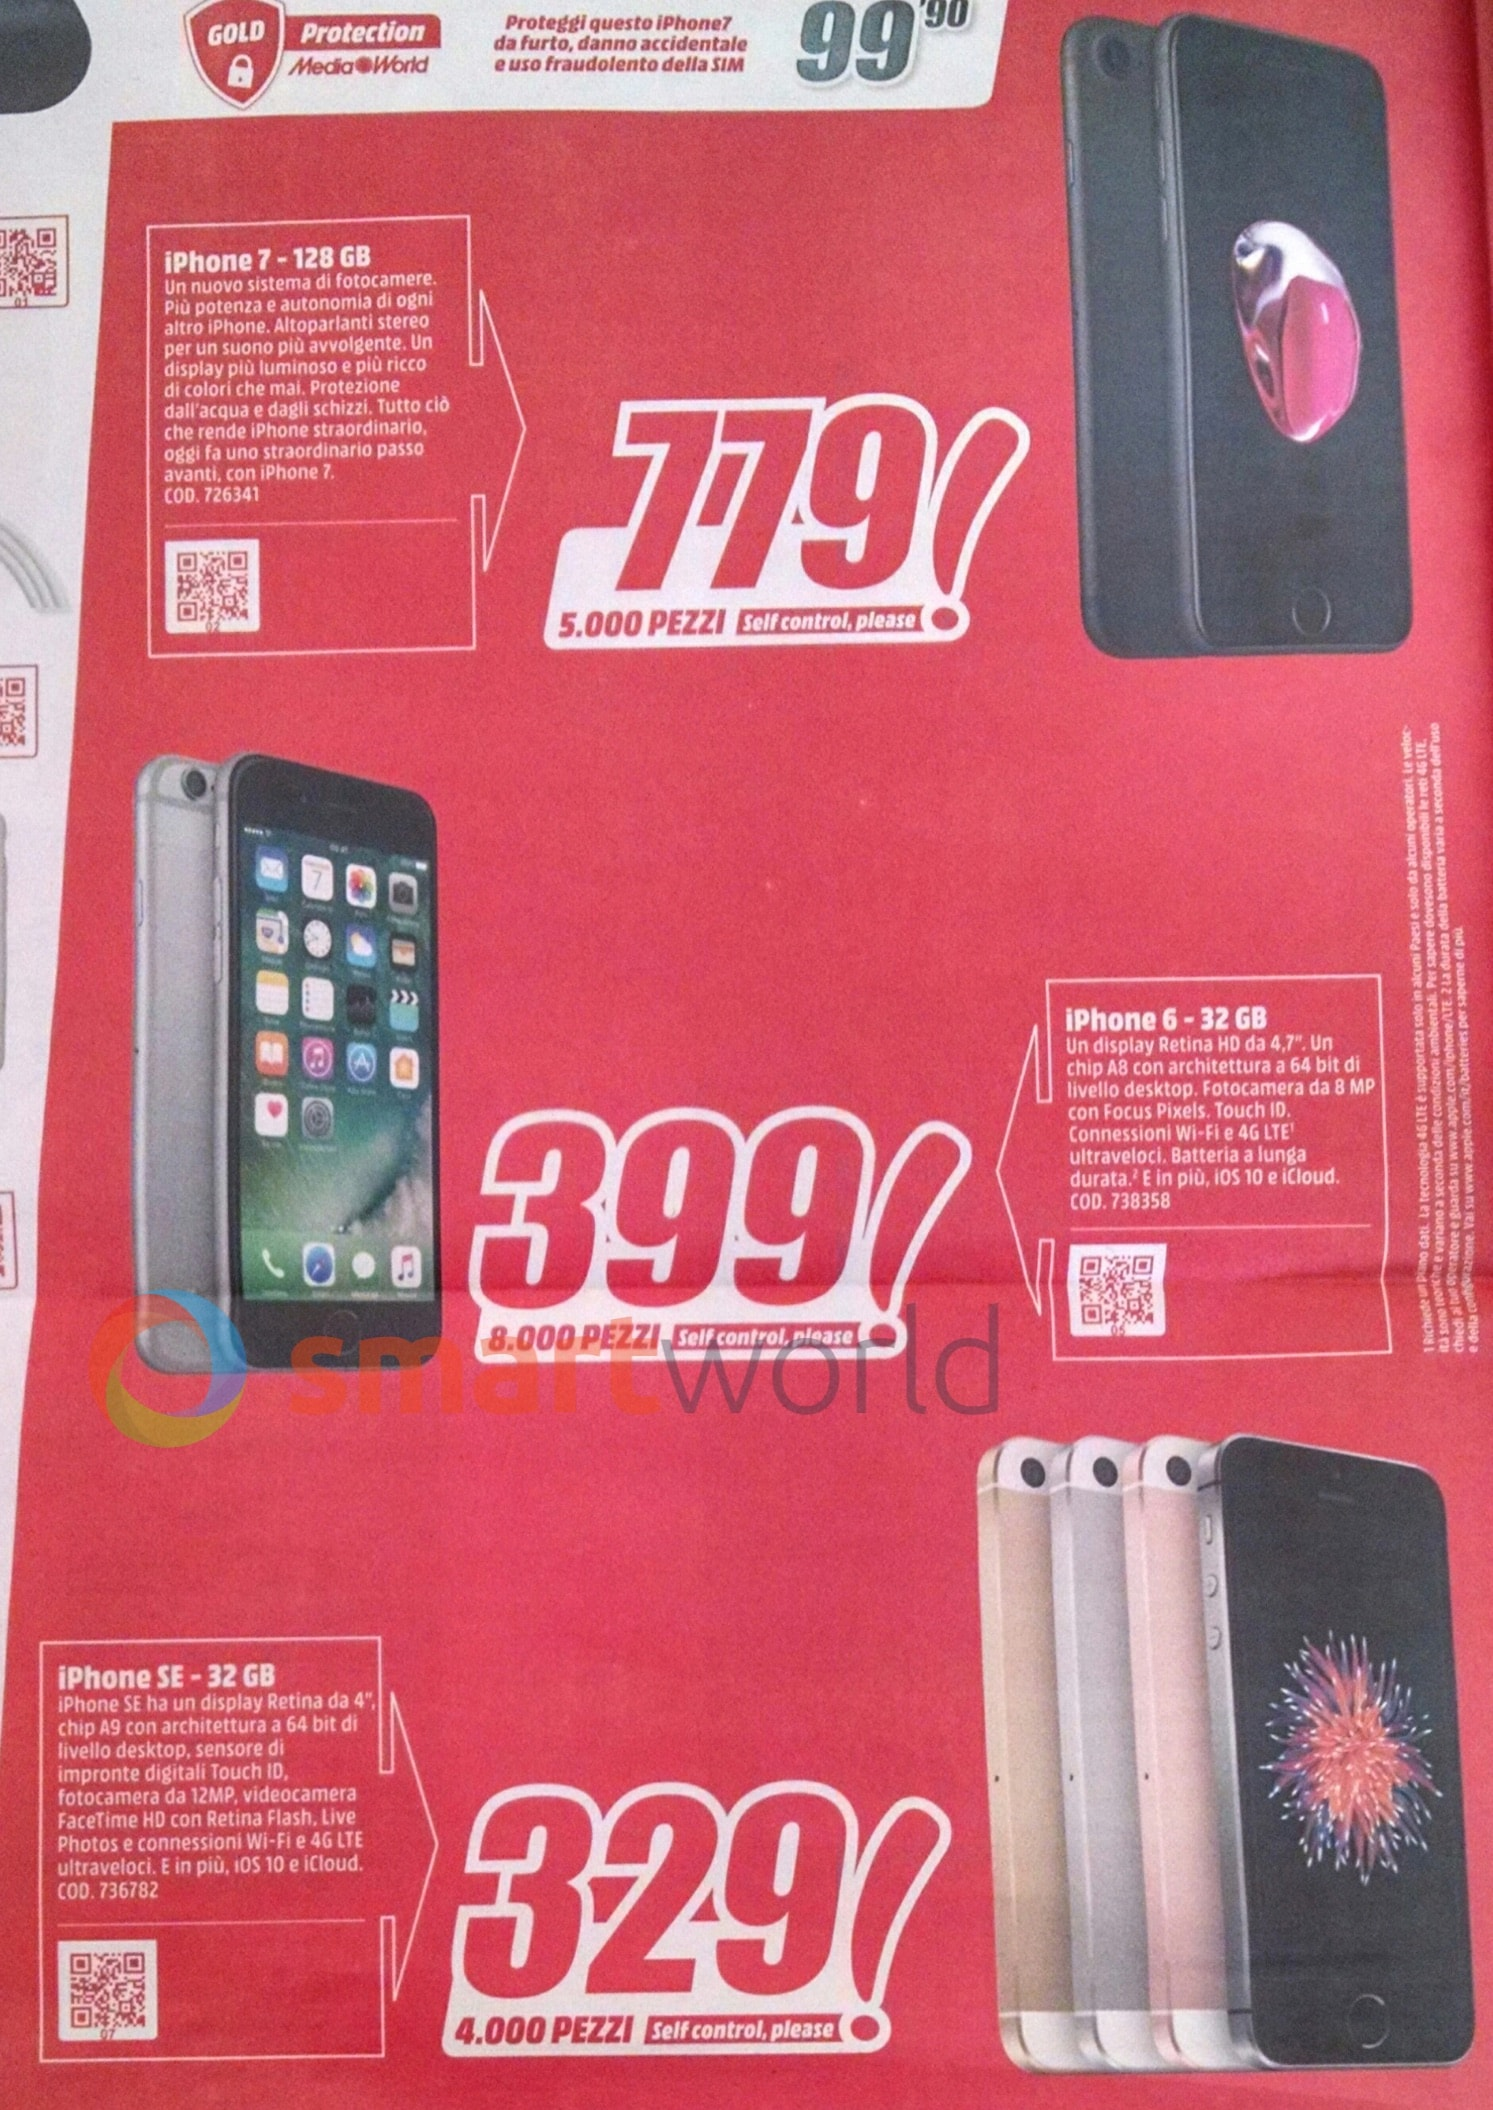 Volantino Mediaworld 6-16 luglio 2017 Smartphone – 3 copy